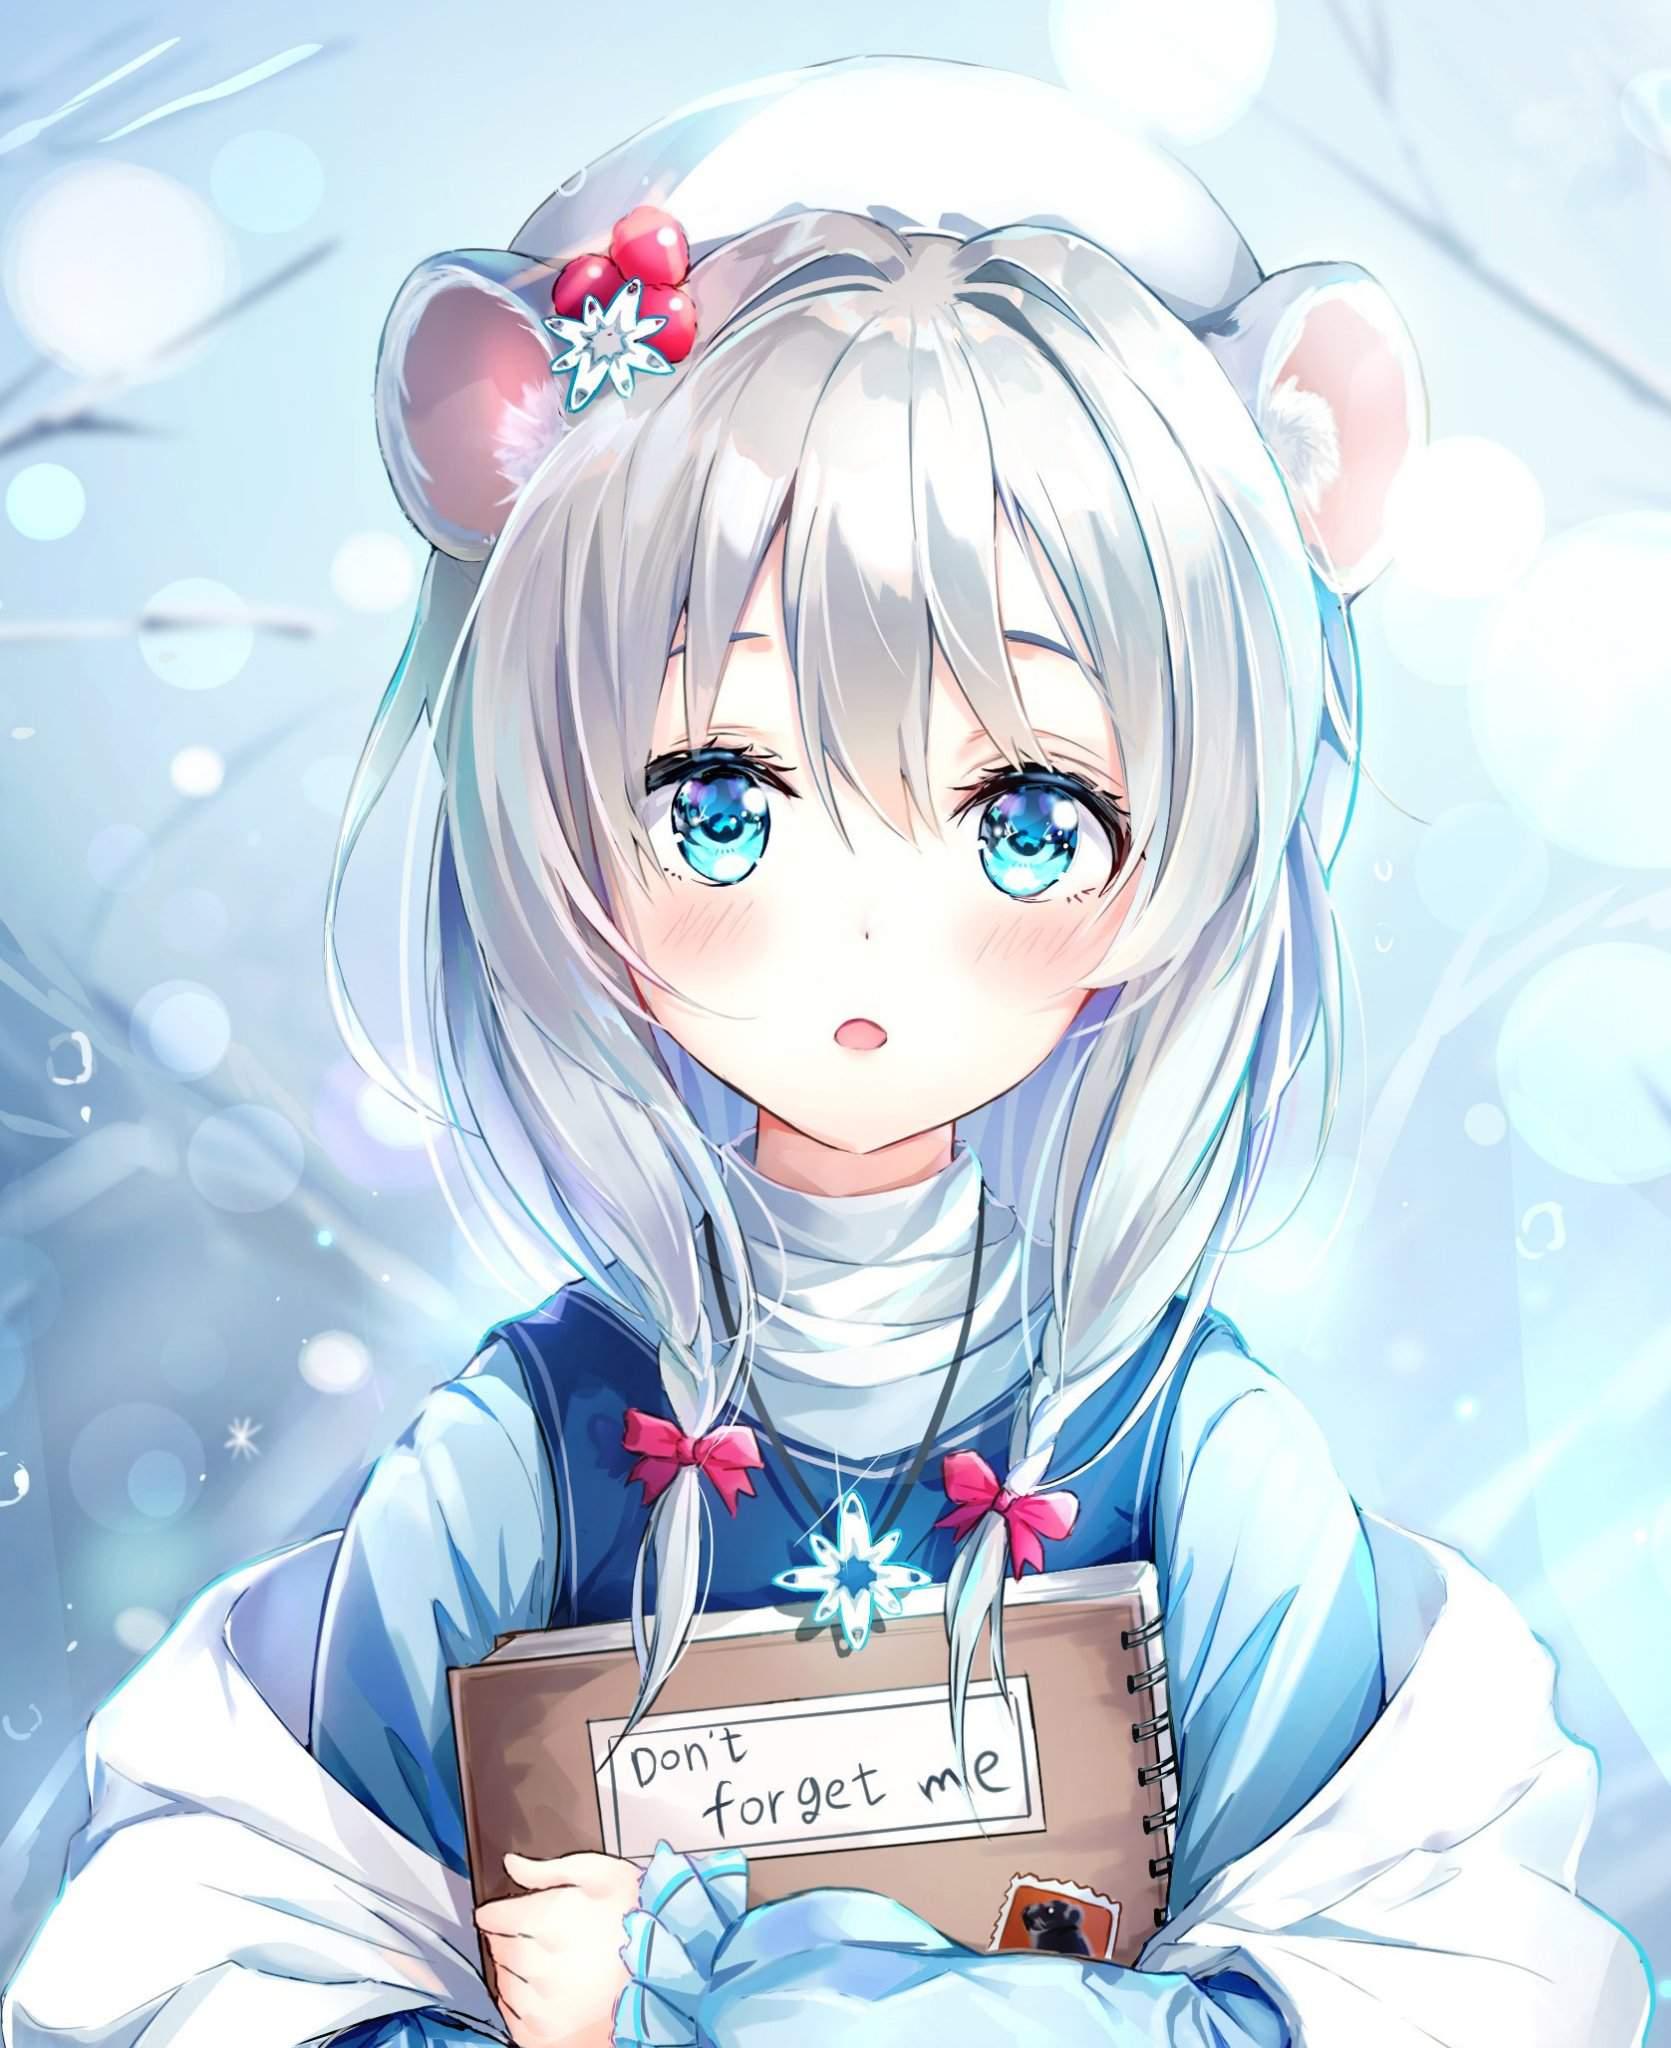 Hinh ảnh anime tóc bạch kim cô chuột đáng yêu